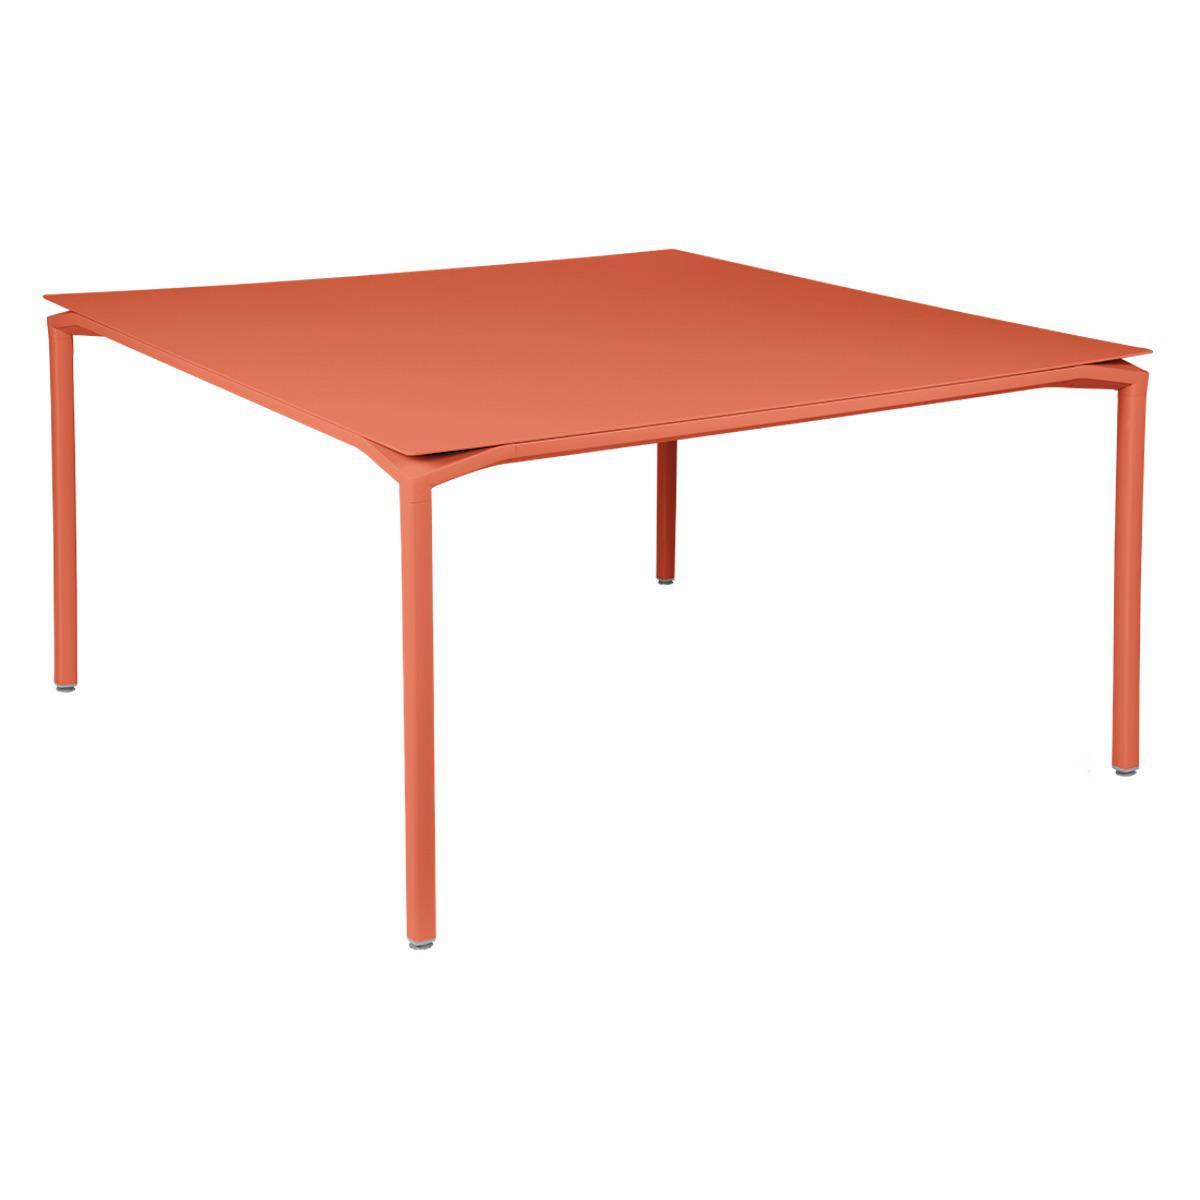 Table 140x140cm CALVI Fermob  orange capucine